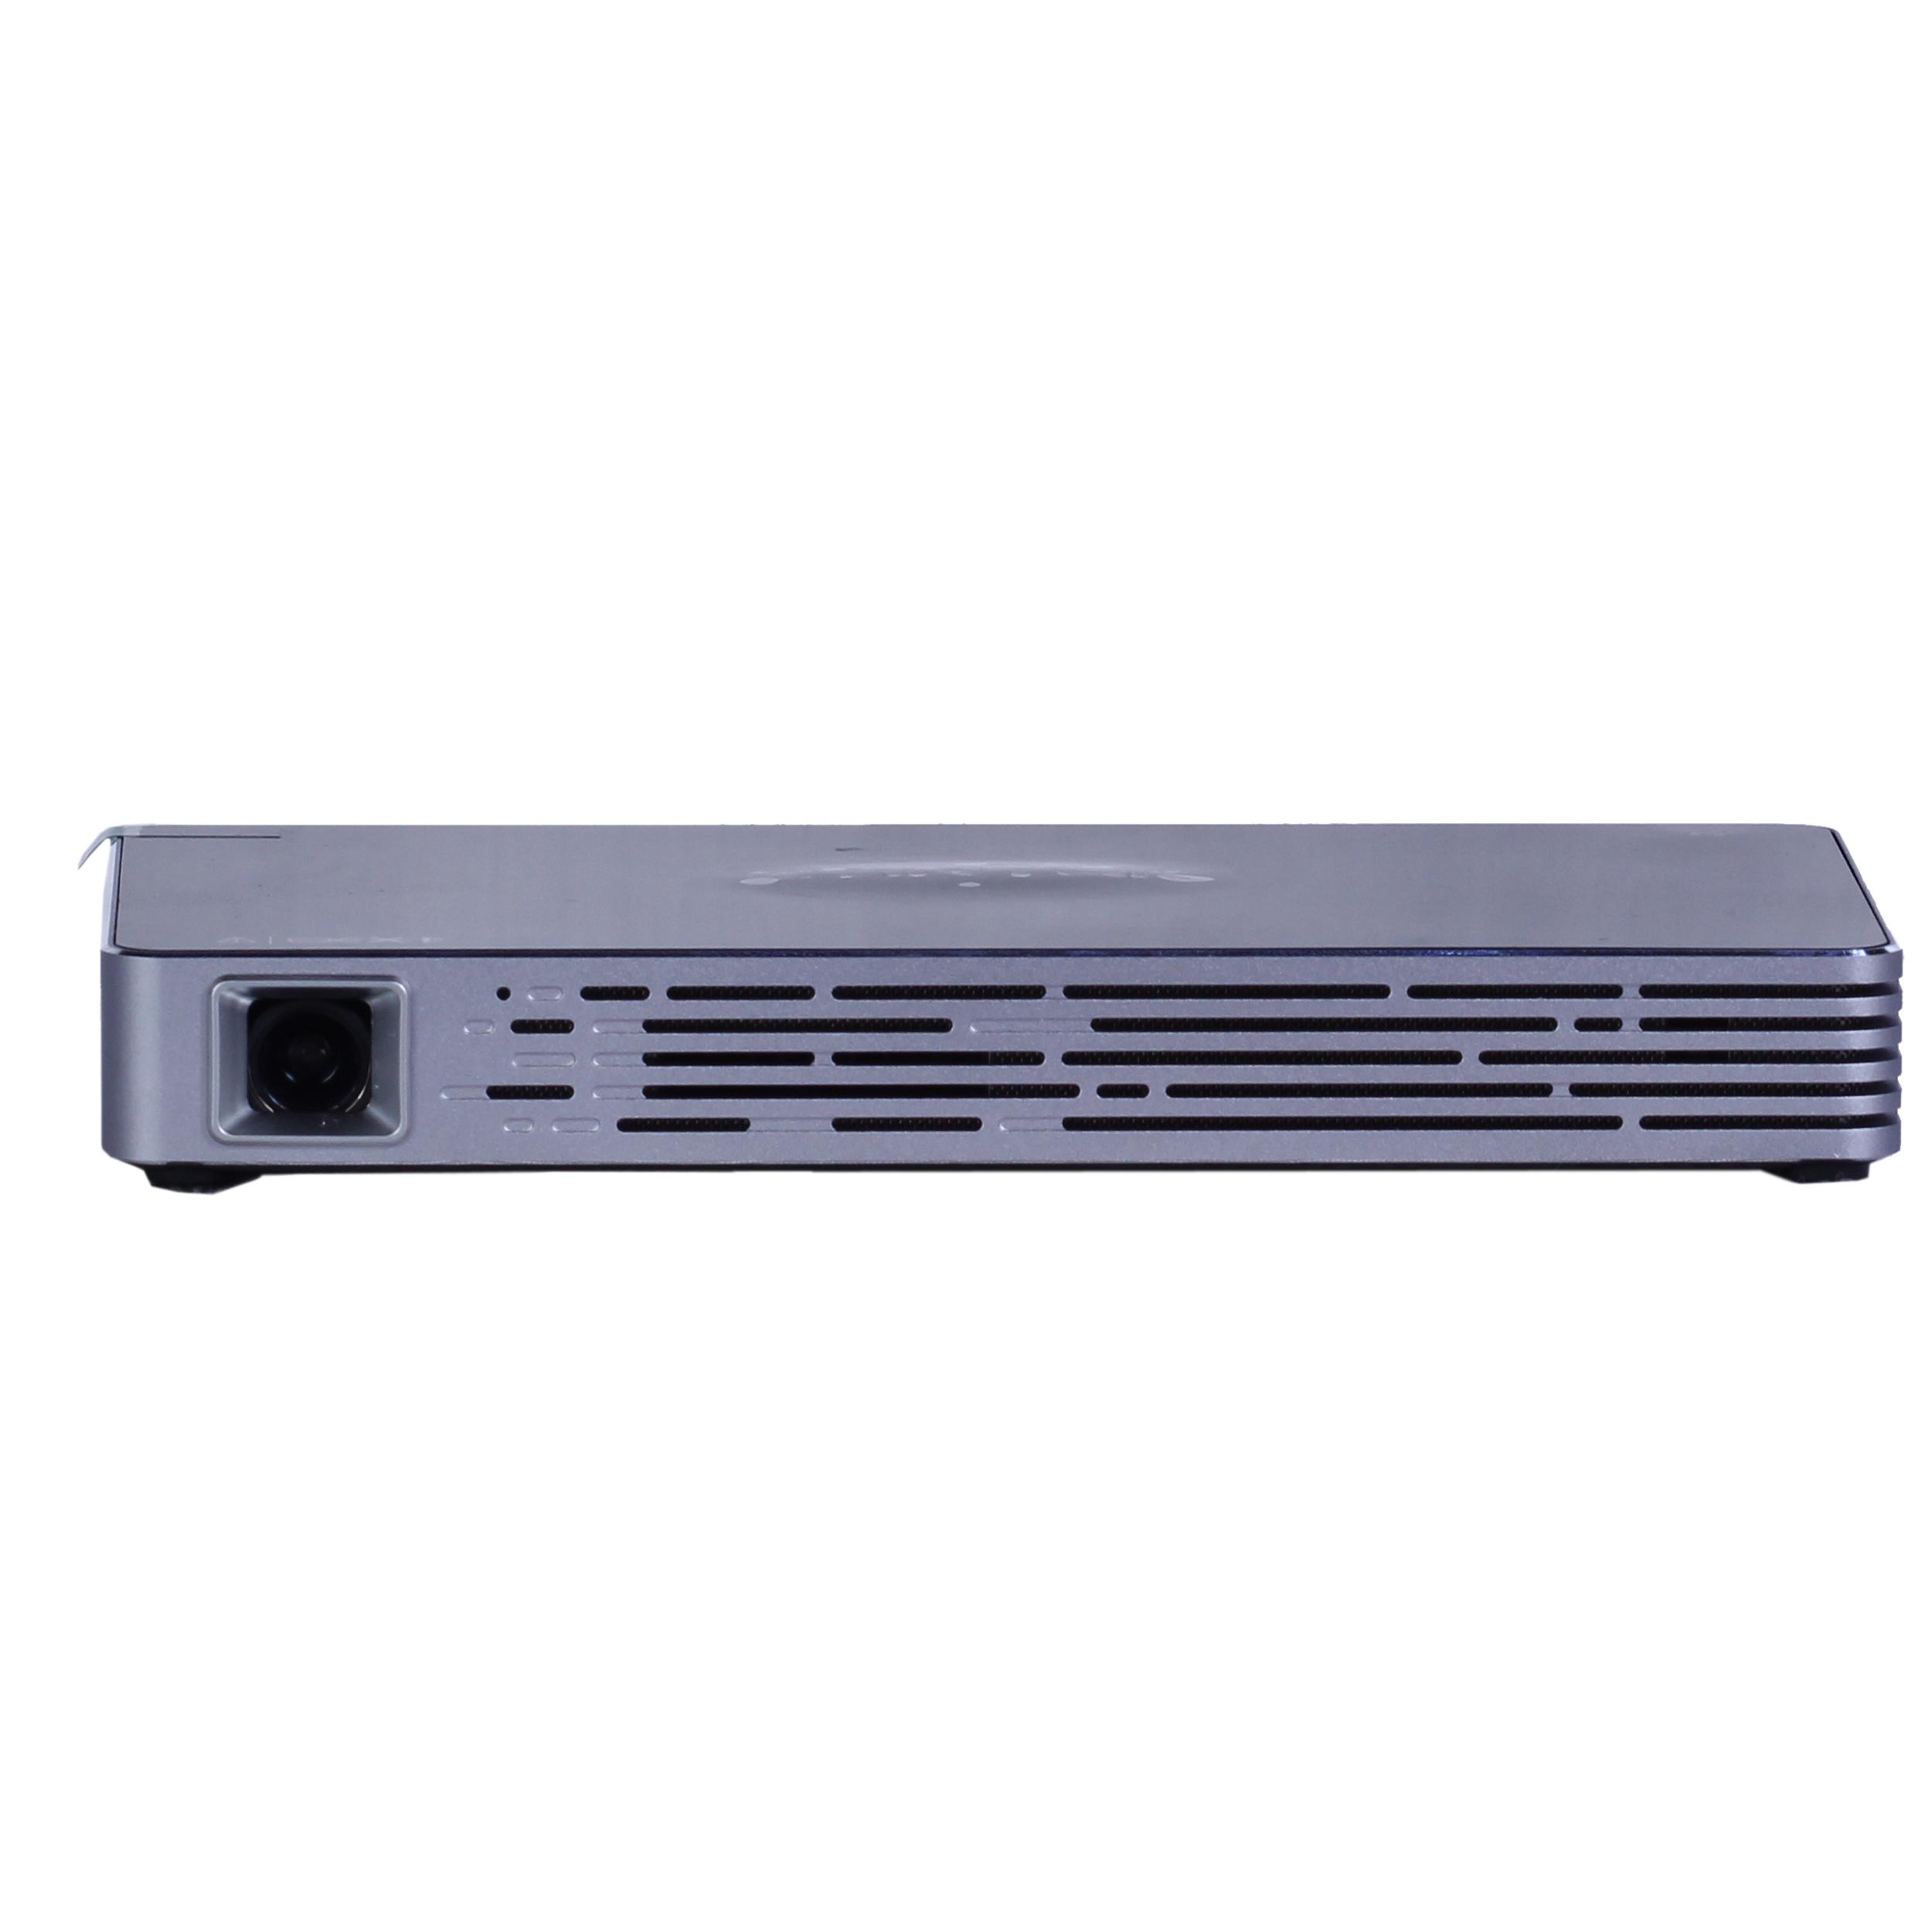 ویدئو پروژکتور قابل حمل مدل T50